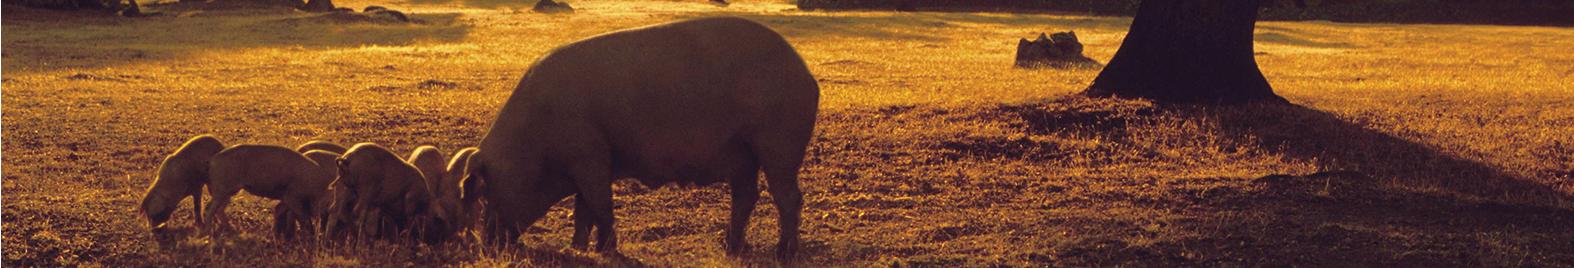 cerdo y sus crias